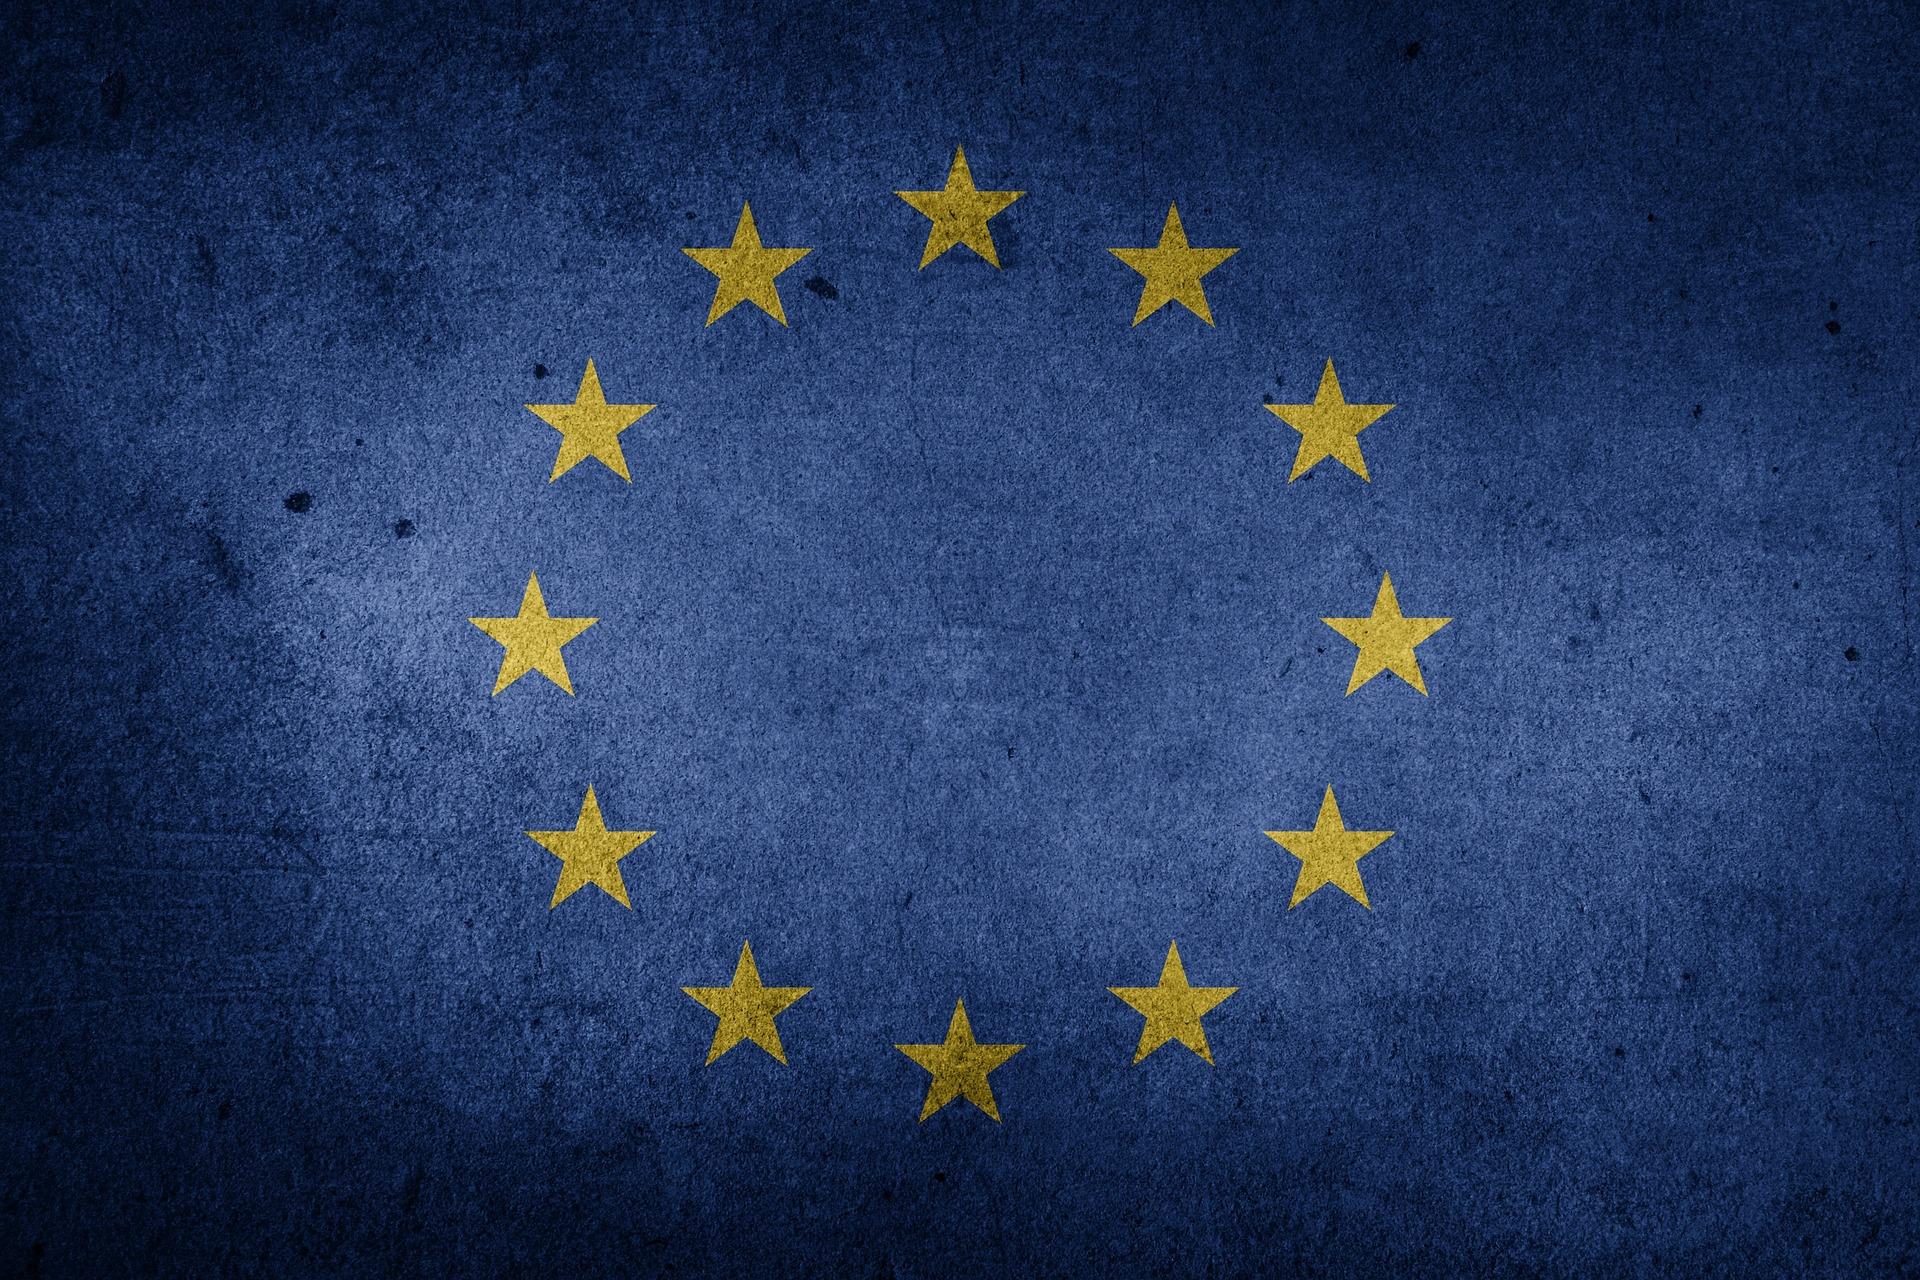 Avec son nouveau protocole de cyberdéfense, l'UE veut se protéger des cyberattaques majeures à venir